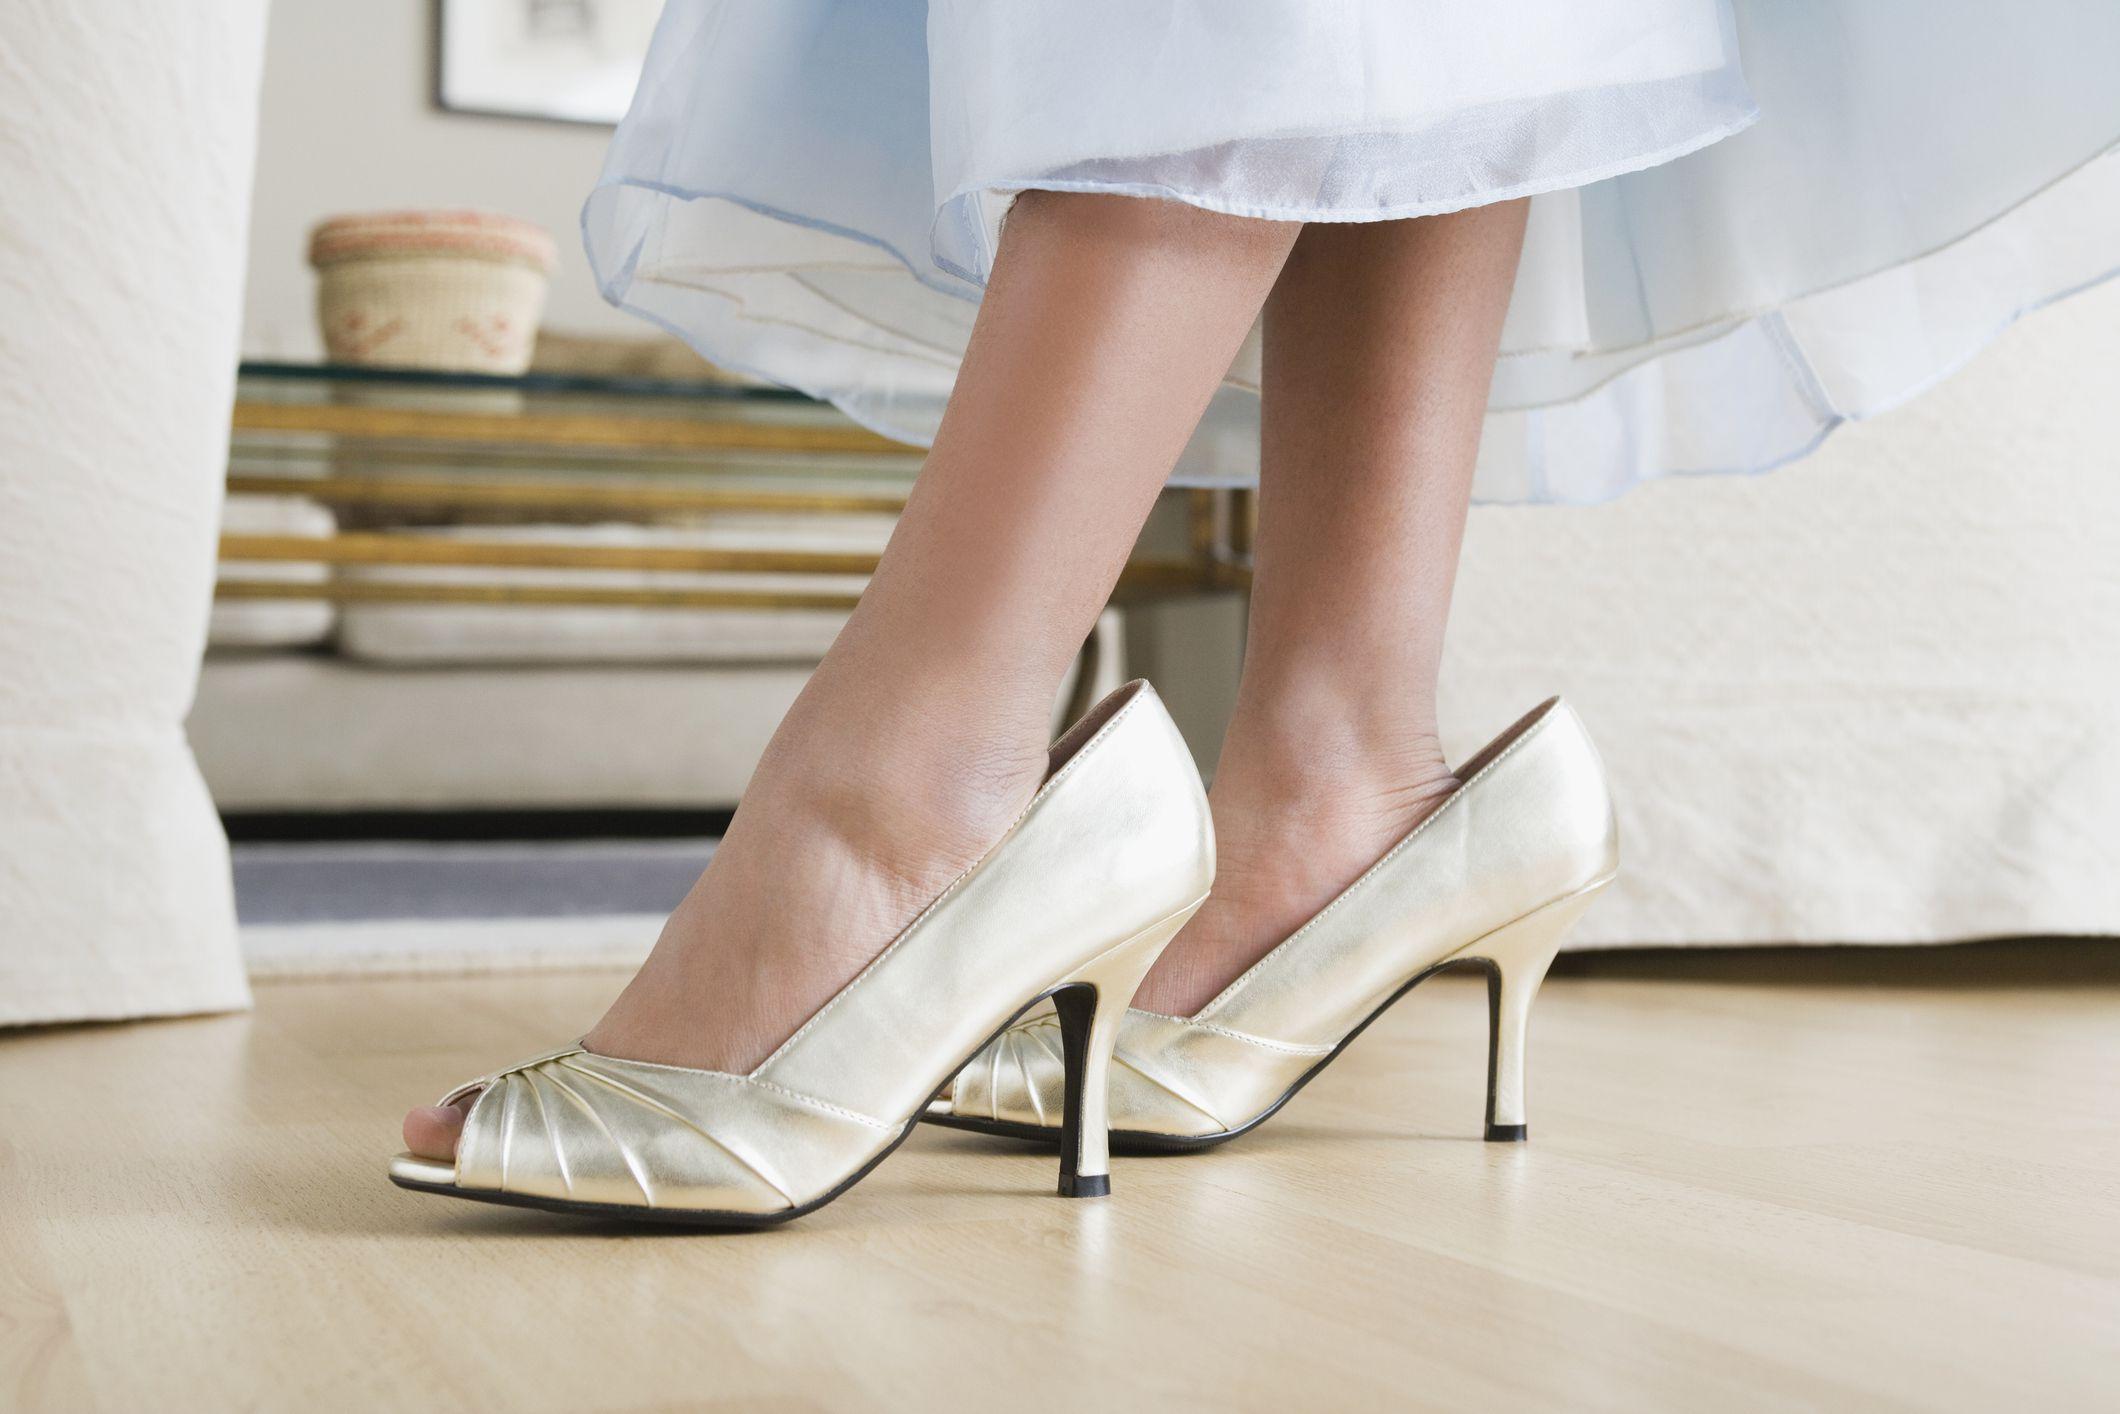 Giggle Feet Week 2021 - Shoes & Sox